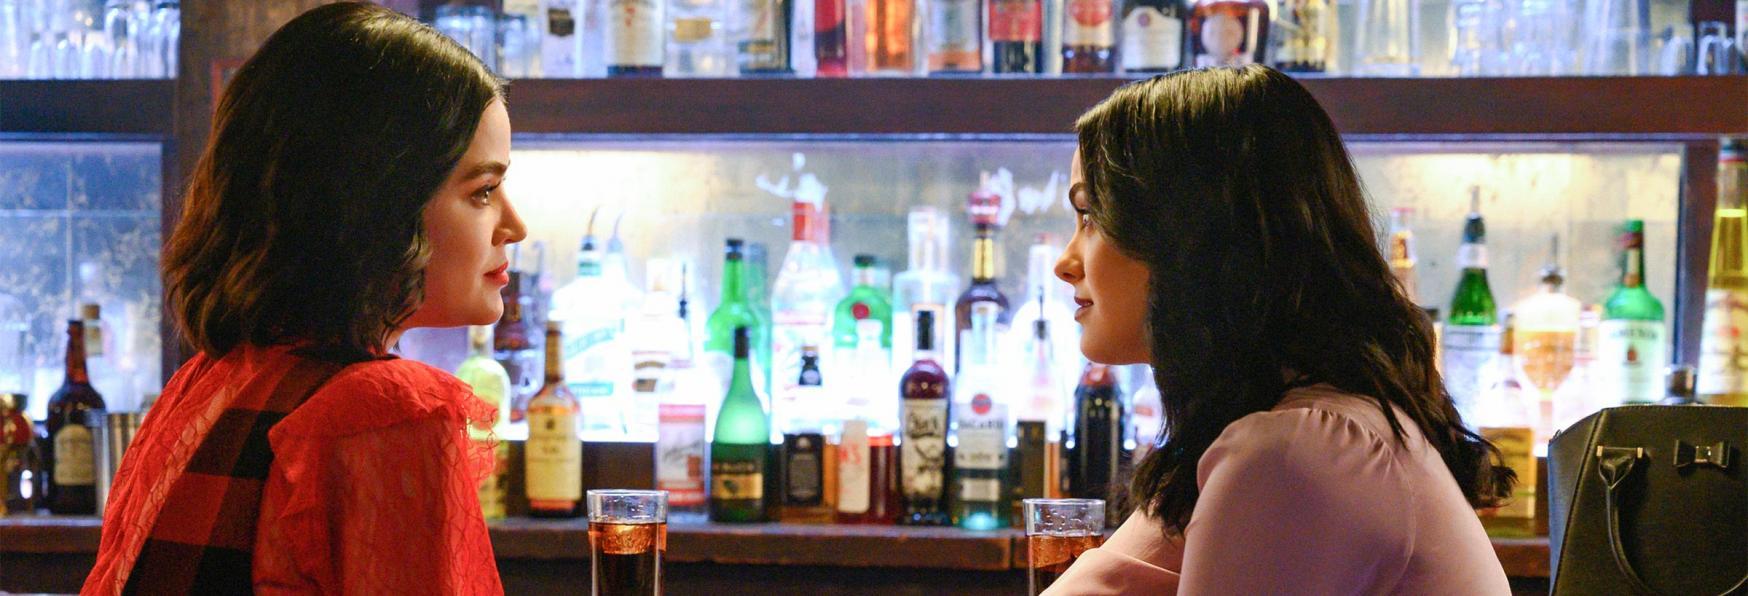 Riverdale: il Produttore della Serie TV parla di un nuovo Crossover con Katy Keene